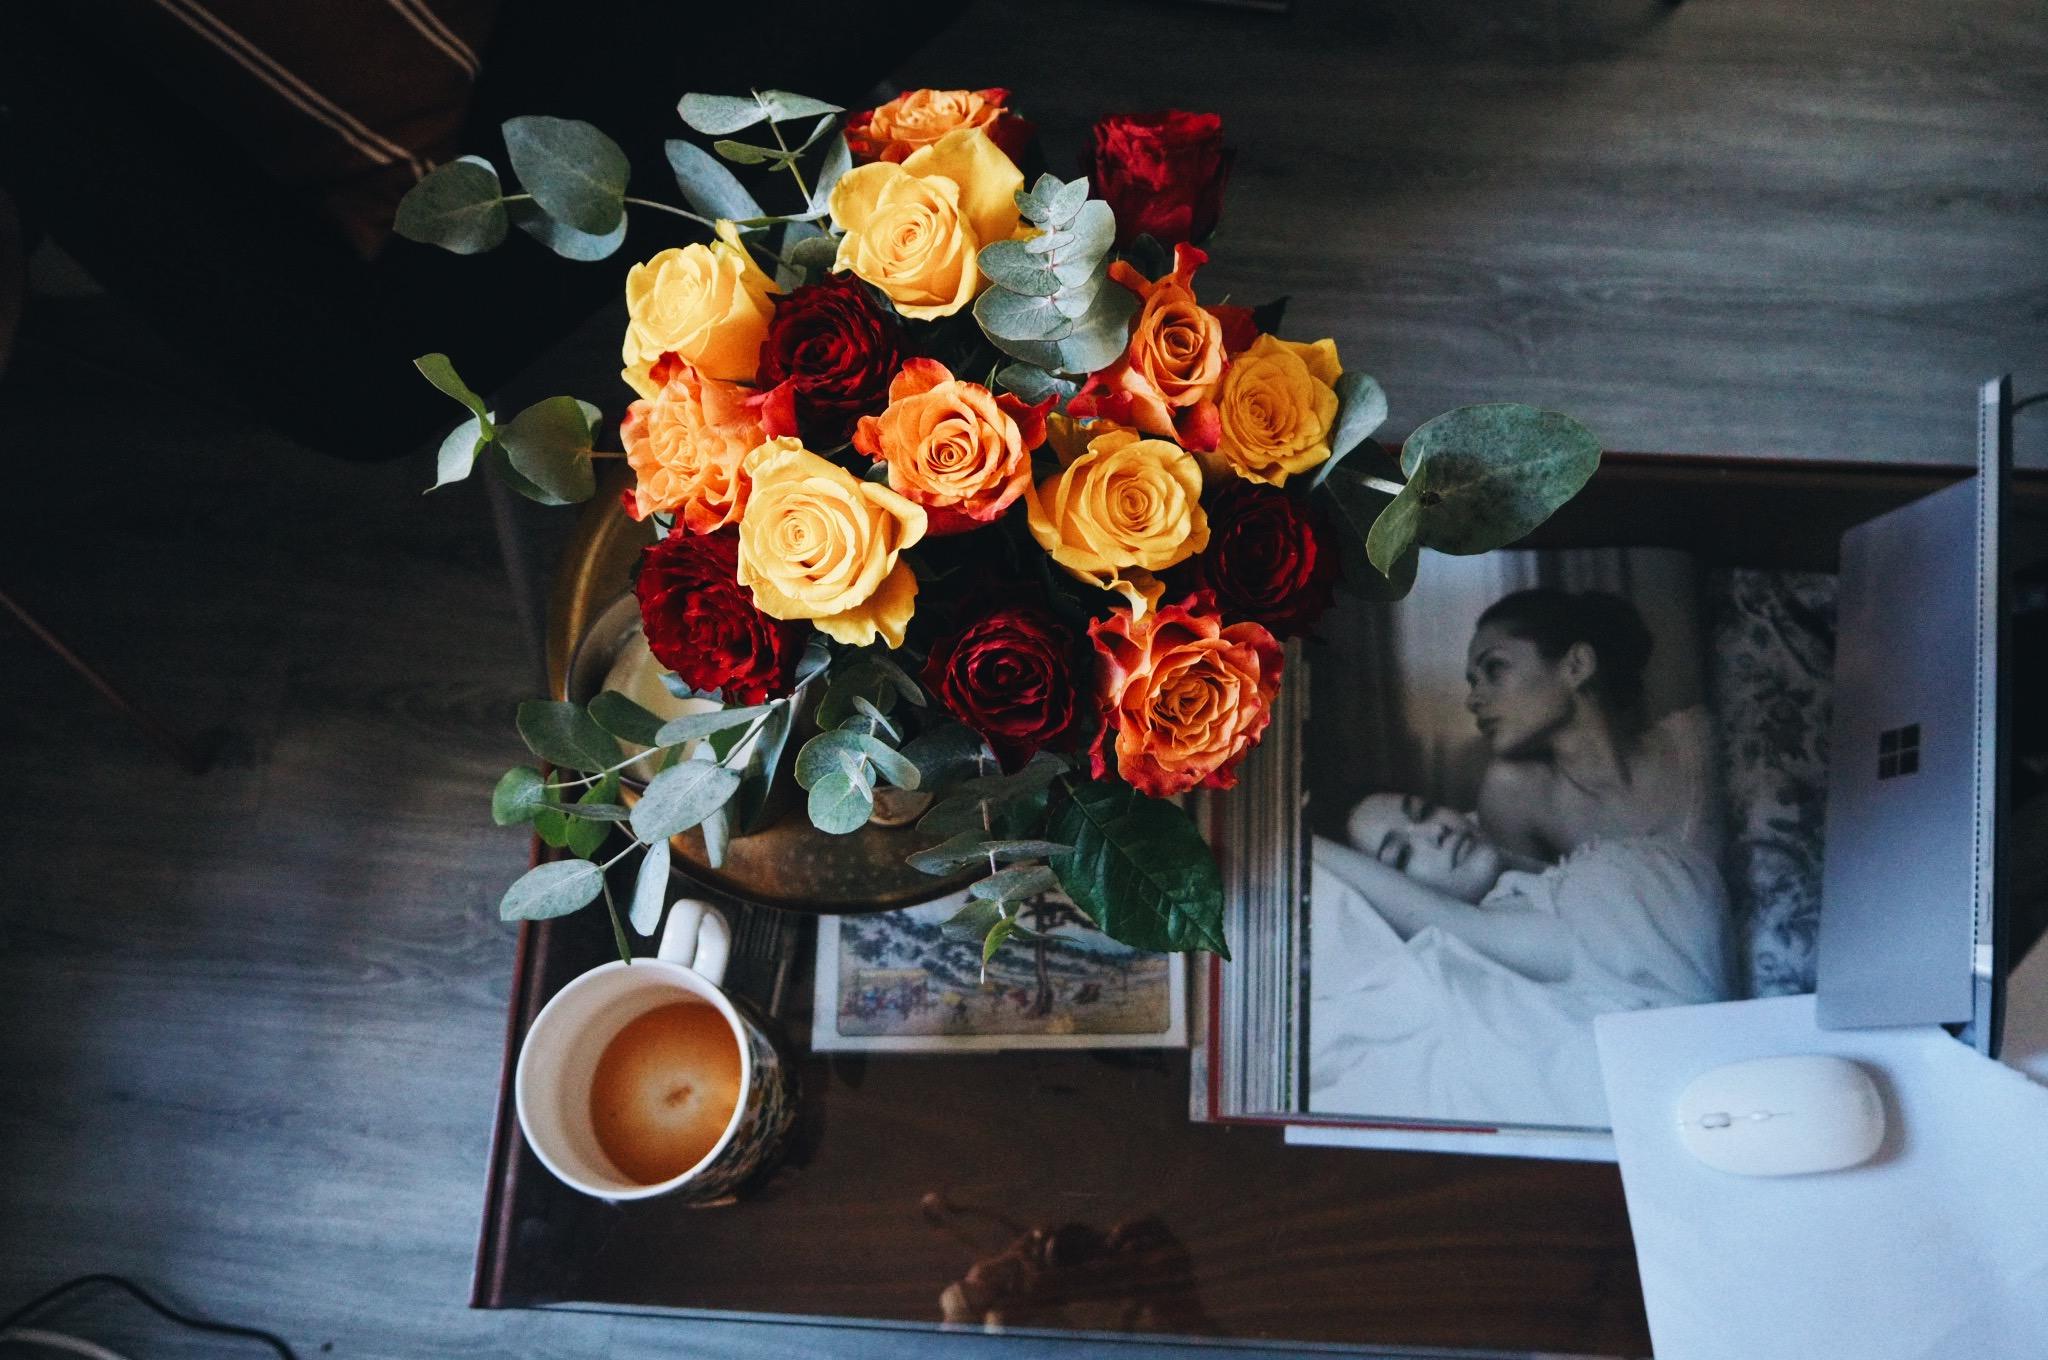 acheter des fleurs, spleen, autumn decor, fleurs automnales